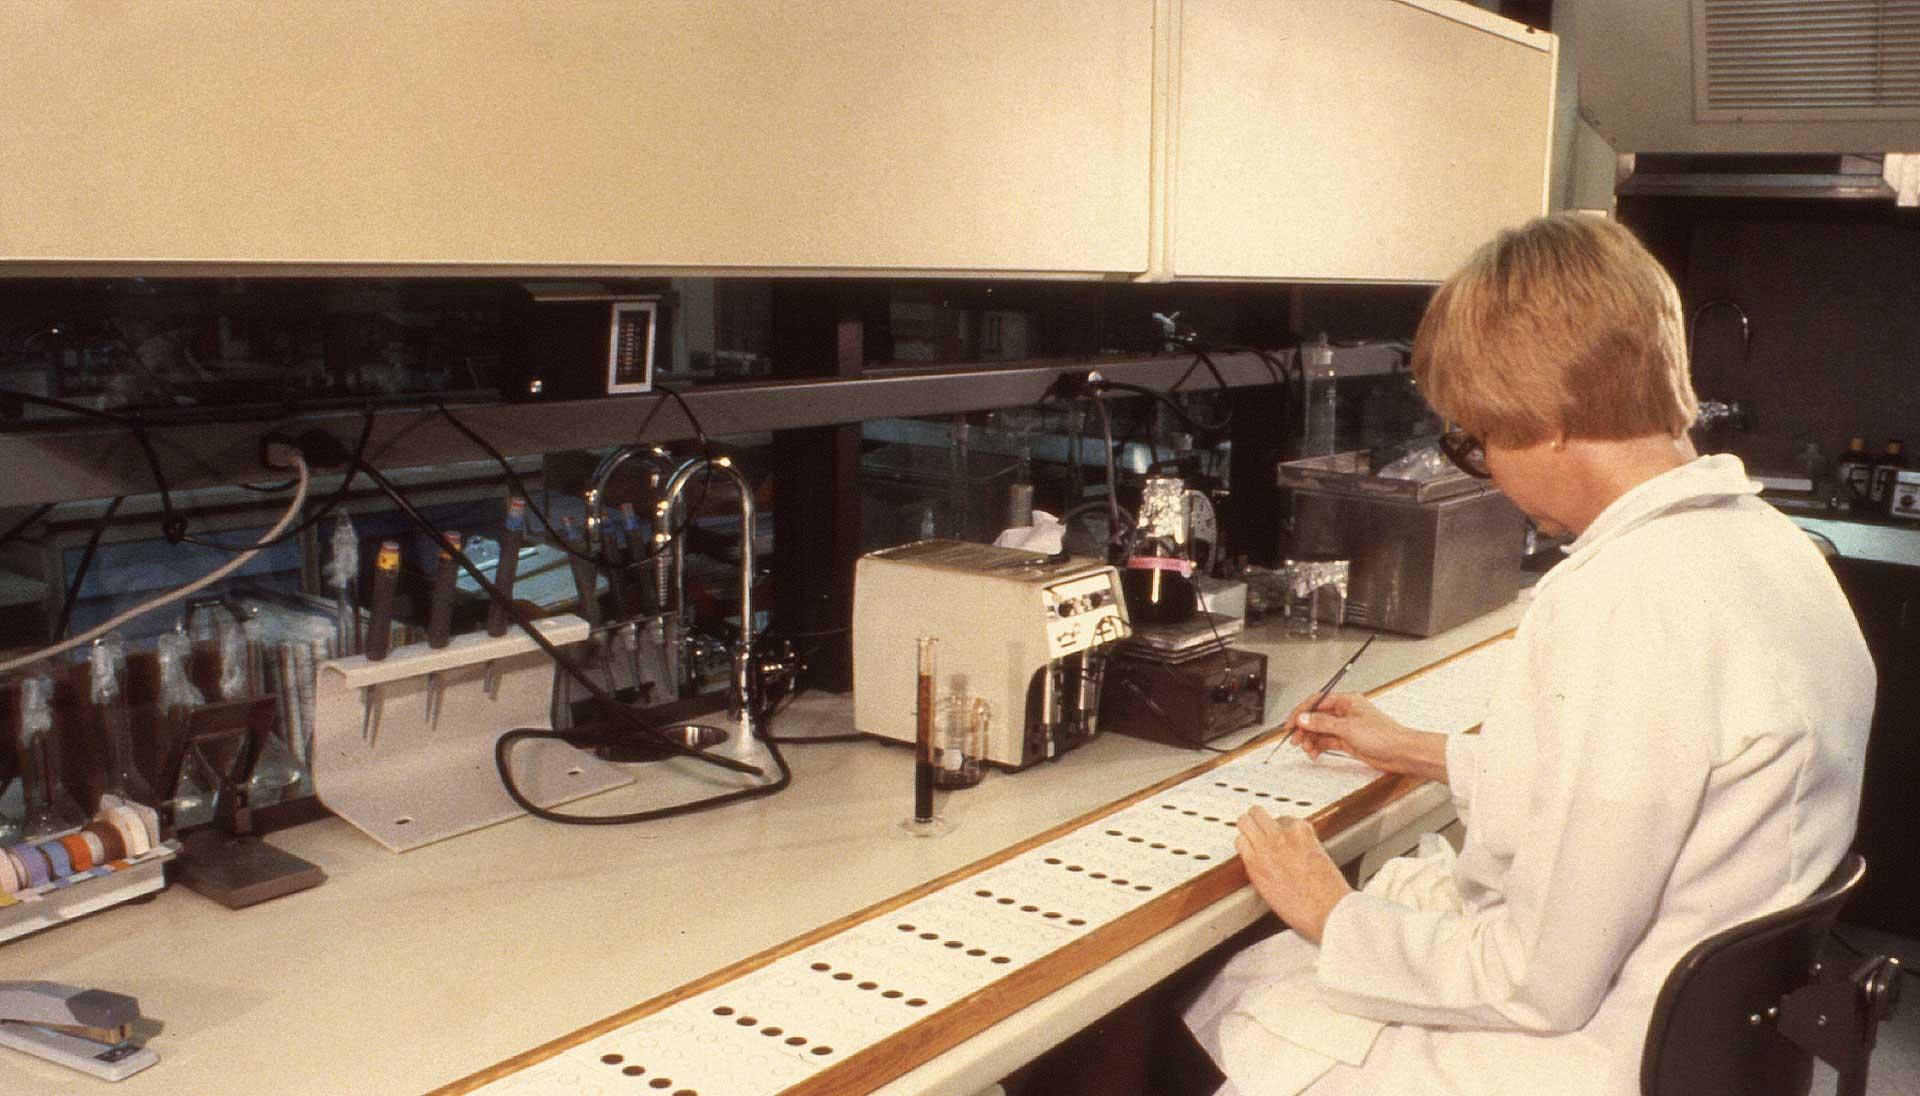 无线联网万博manbetx官网app系统应用于实验室